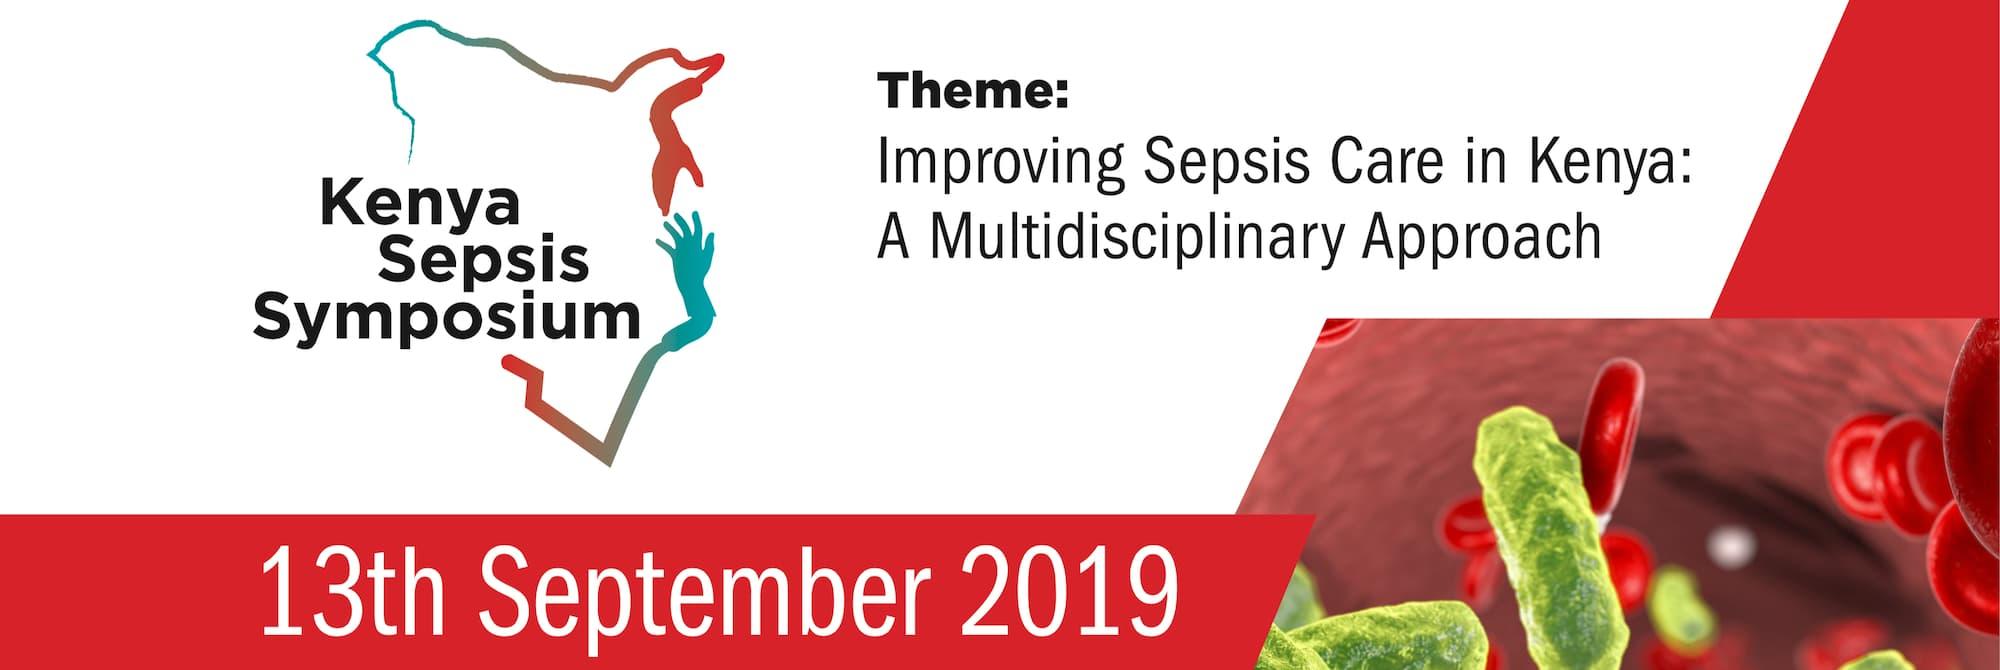 Kenya Sepsis Symposium Banner.jpg